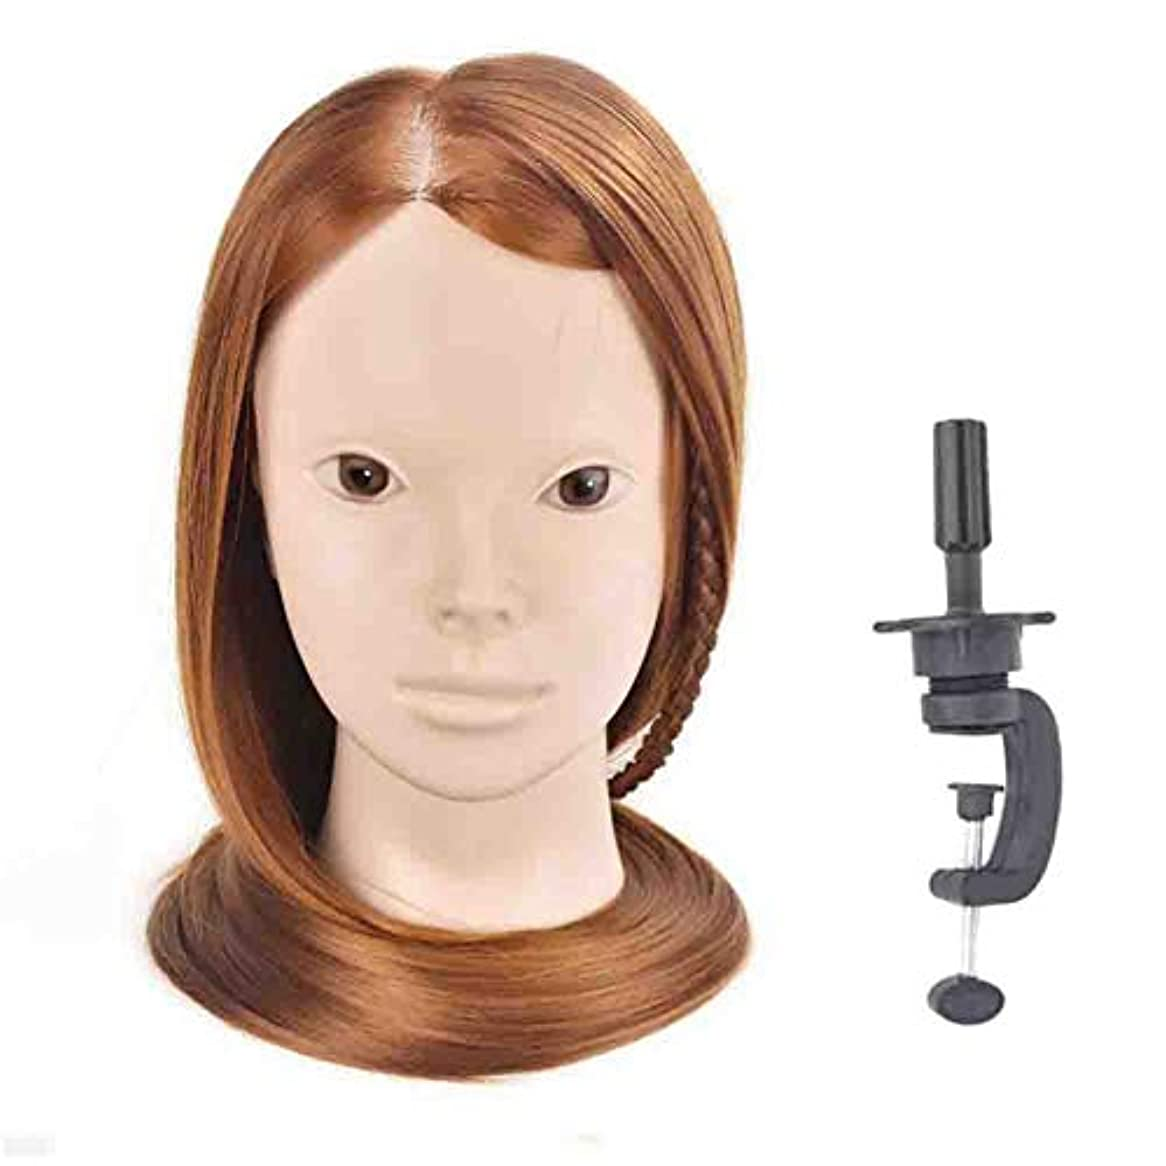 任命インチペストは、花嫁の髪編組ひも学習ヘッドモデル理髪モデルヘッド理髪サロン散髪ダミー練習ヘッド